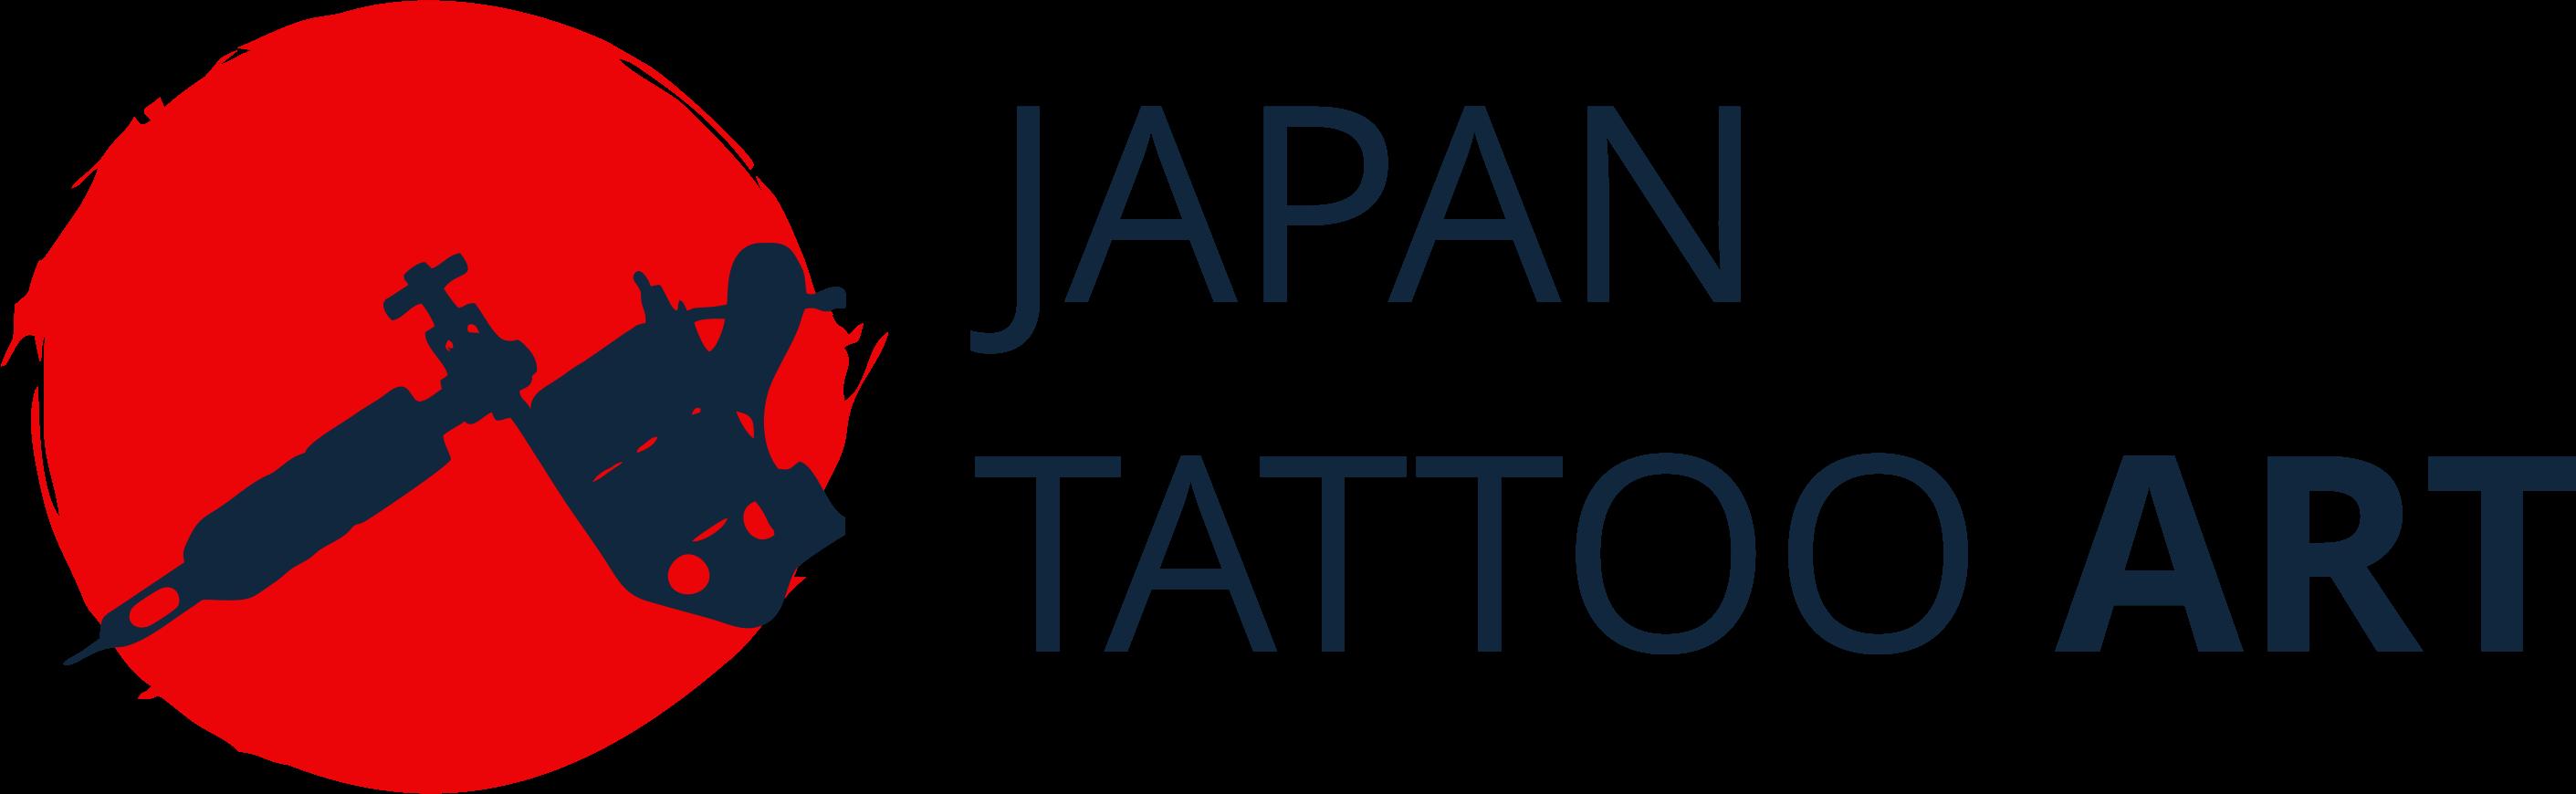 Japan Tattoo Art